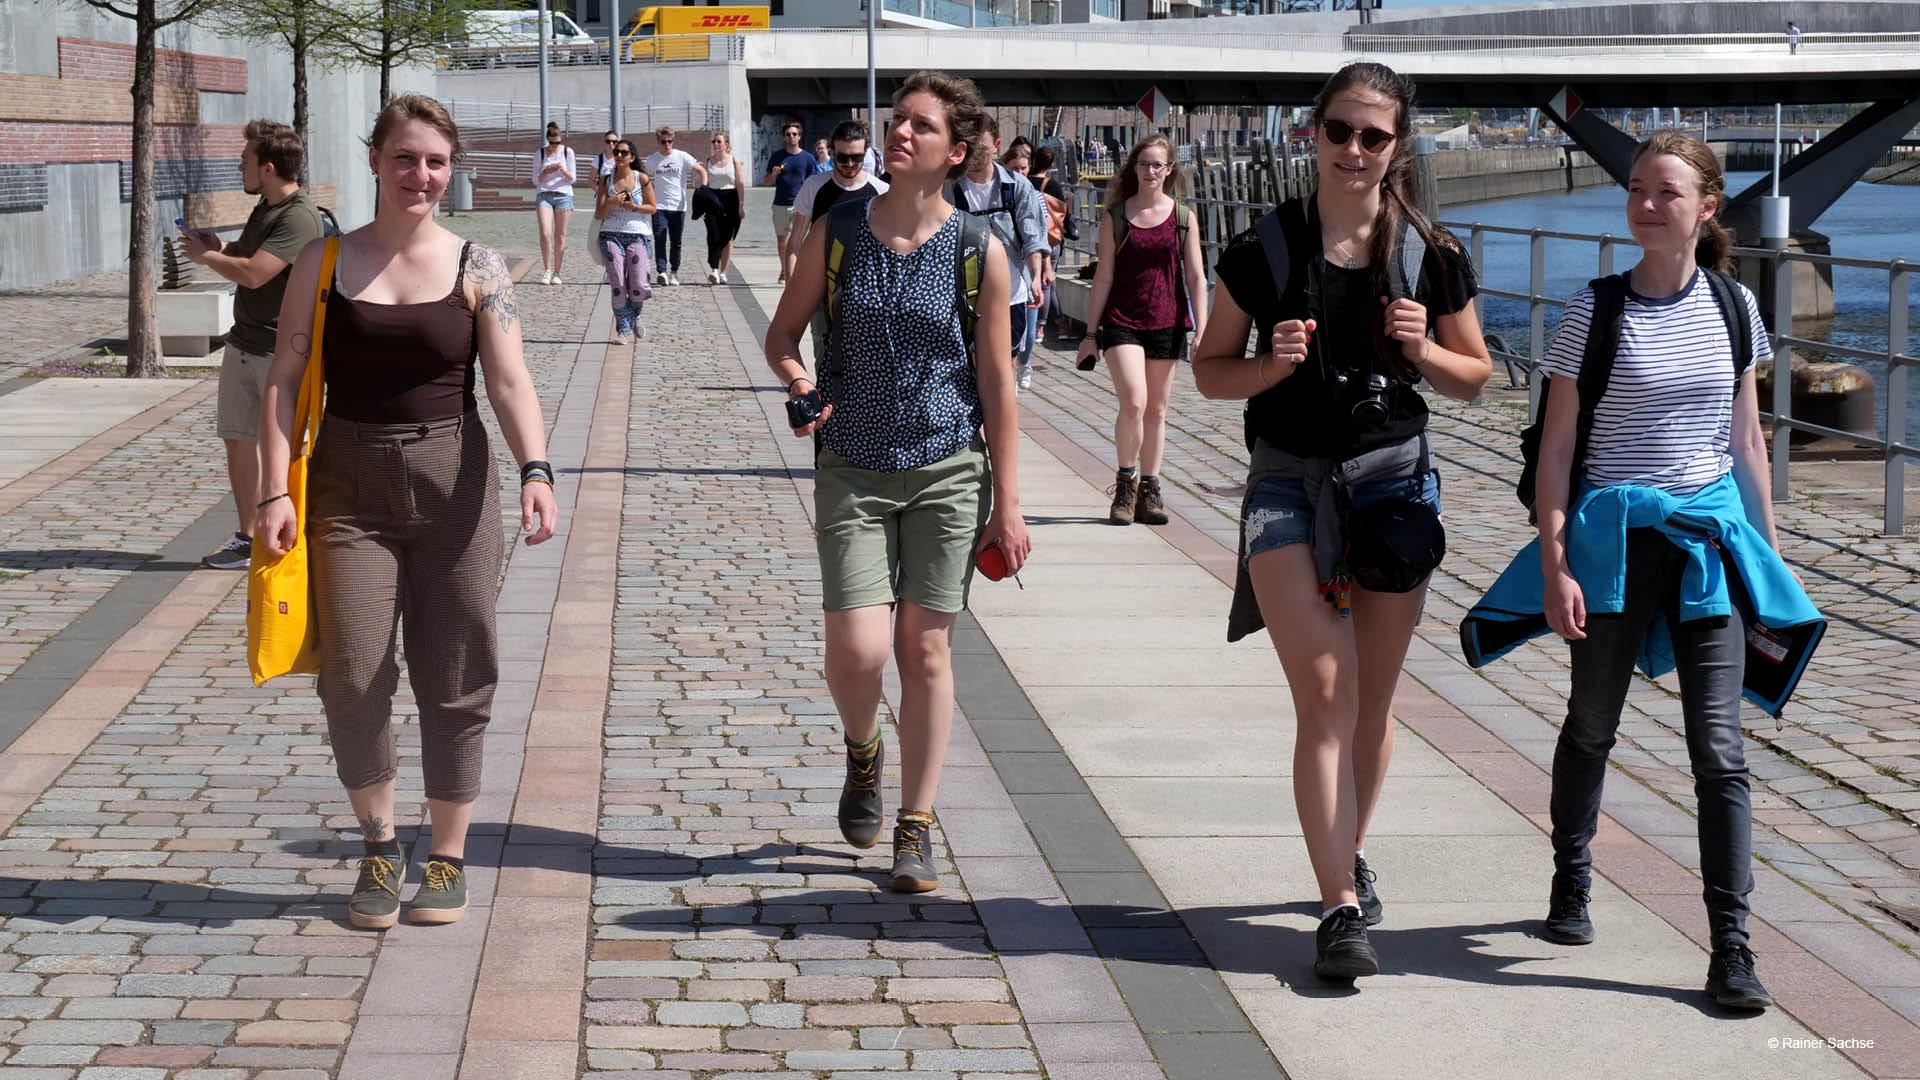 Promenade in Hafencity